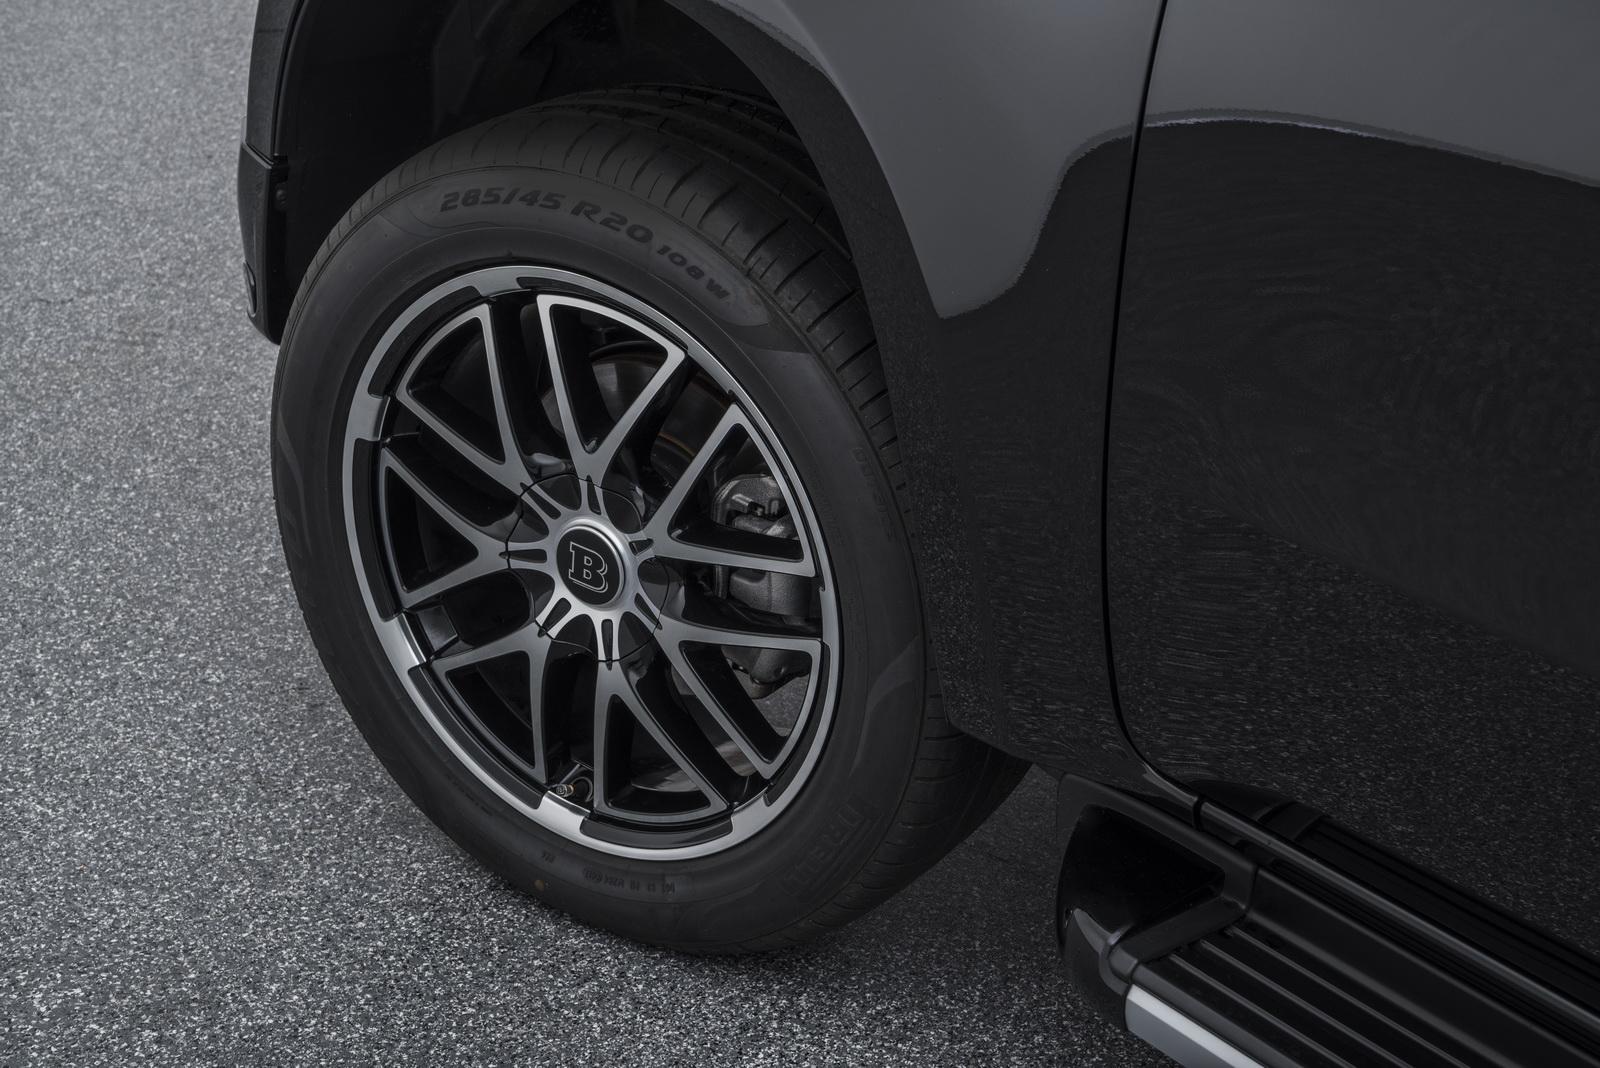 X-Class стоит на 20-дюймовых колесах Brabus Monoblock X, обутых спереди и сзади в шины размером 285/45 R20. Внутри доступны различные детали от Brabus, начиная от элементов из нержавеющей стали и заканчивая полностью сделанными на заказ интерьерами.